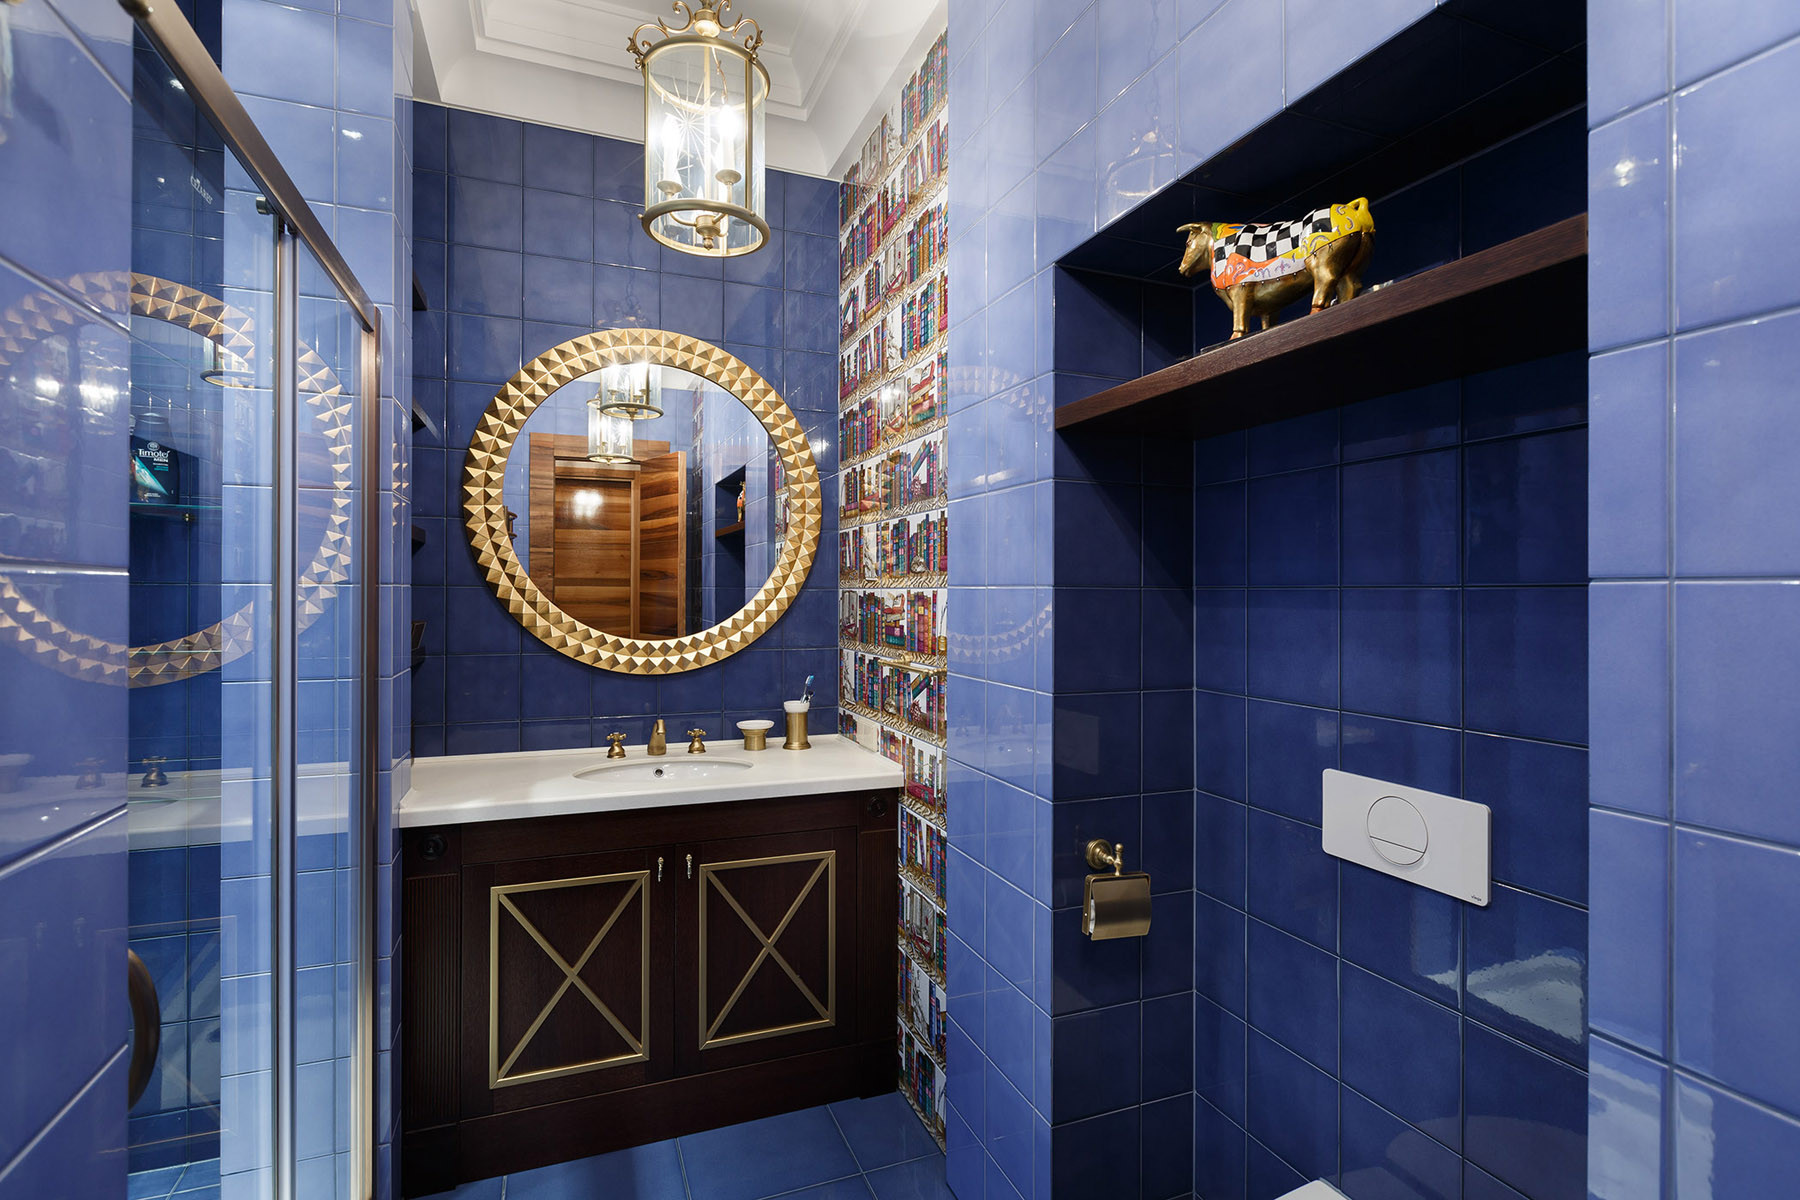 Темно-синие пол и стены, детали золотистого цвета в ванной